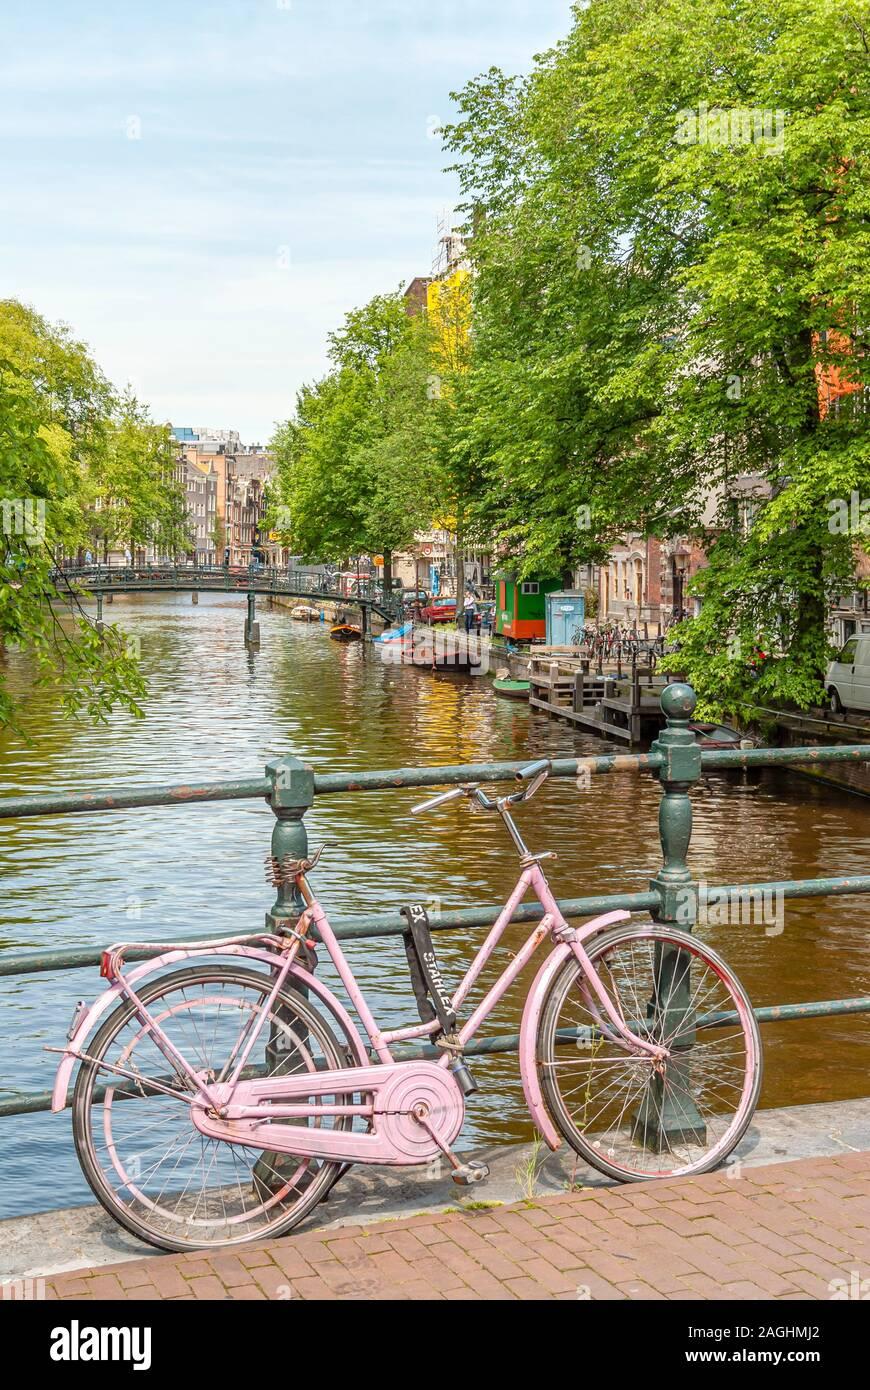 Vieux Vélo rose sur un pont dans le centre-ville d'Amsterdam, Netherlande Banque D'Images